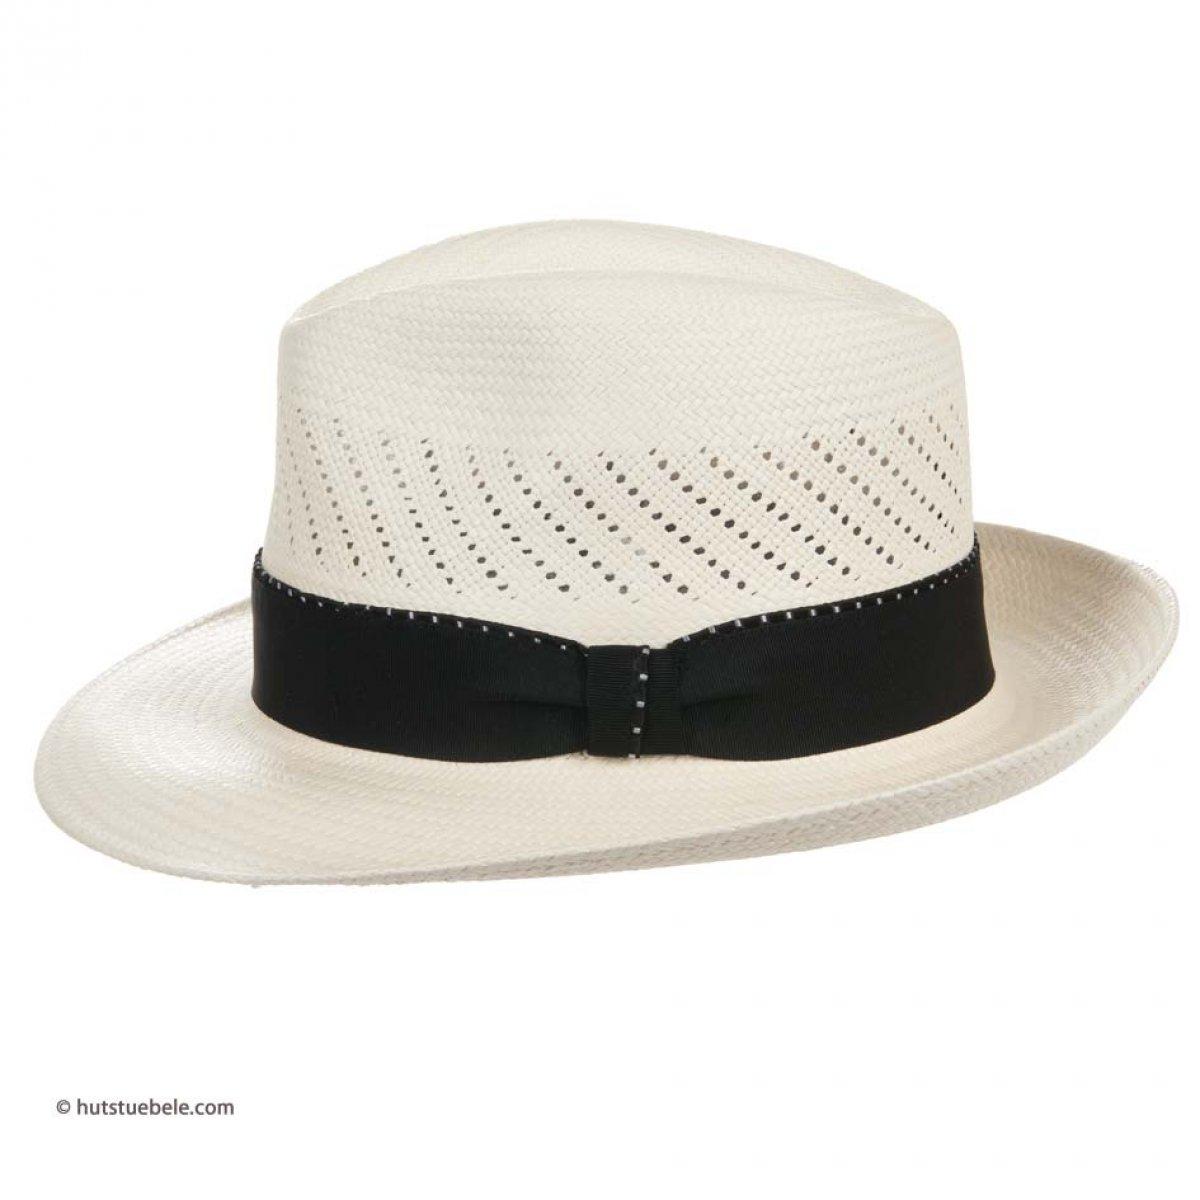 cappello panama da uomo by Hutter cappello Fedora con nastro nero ... d8c63fba7b60